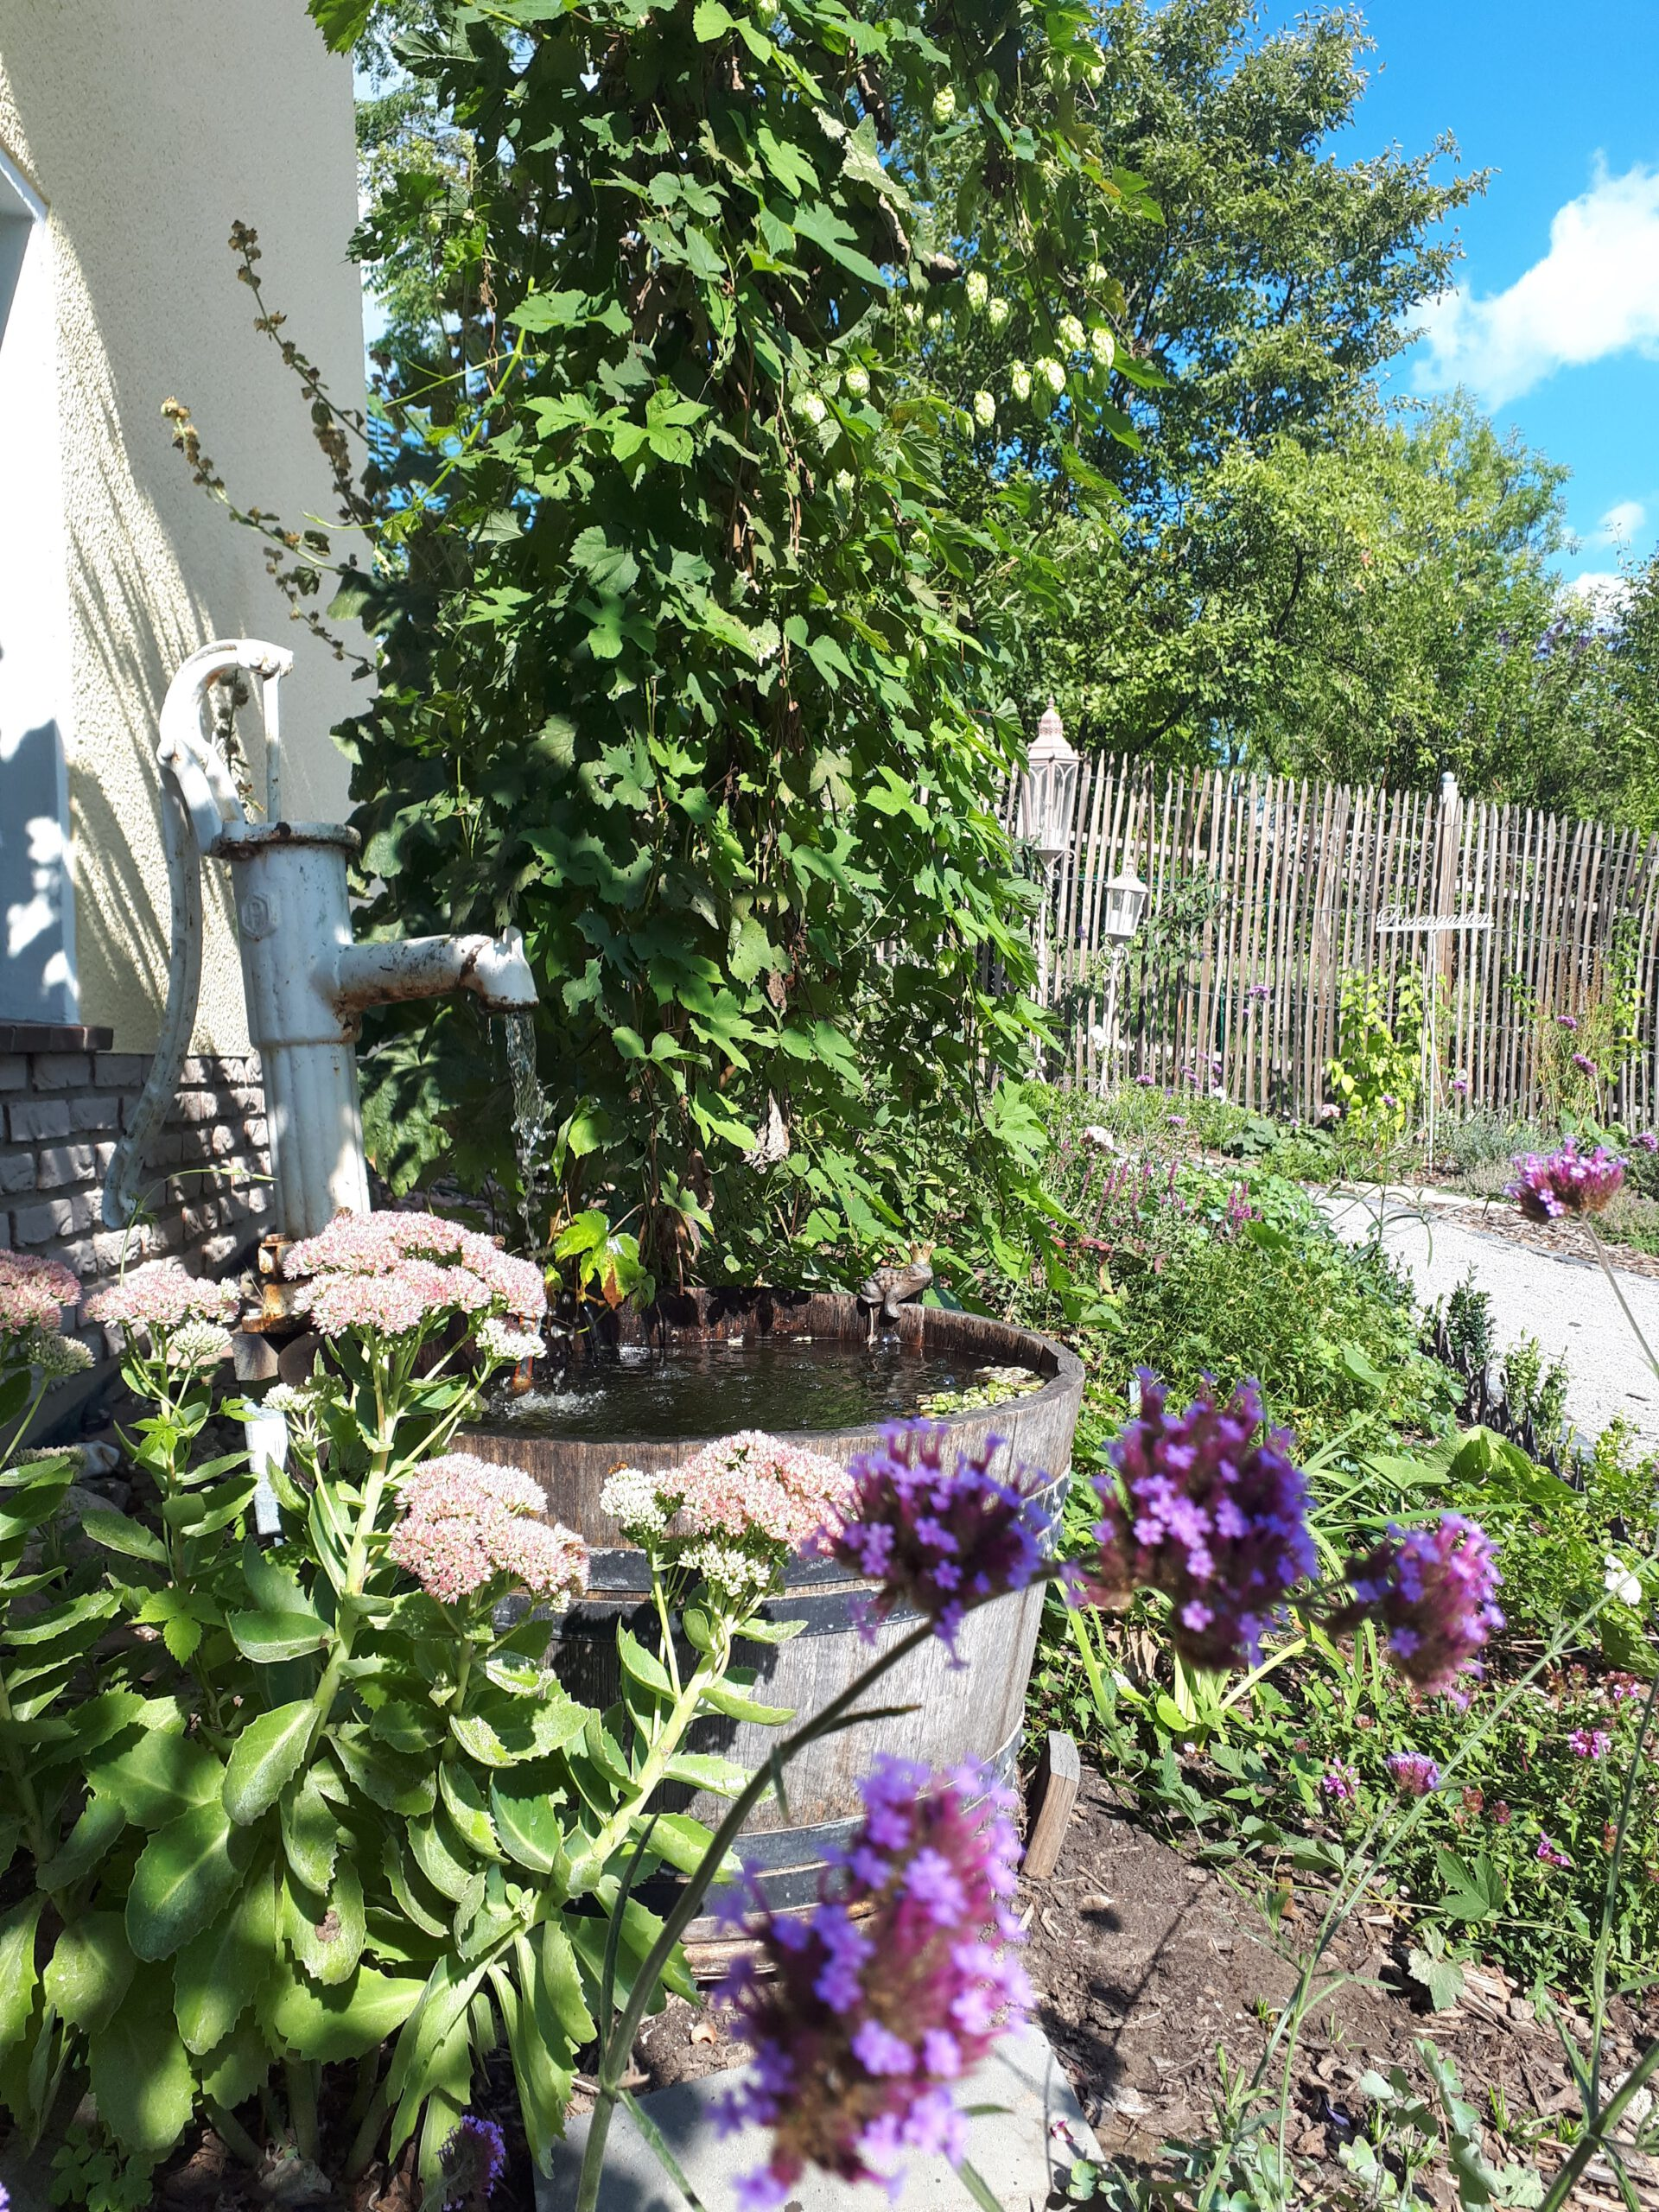 Romantische Wasserspiele im Garten haben einen besonderen Reiz. Die verspielten Elemente machen einen Romantikgarten so reizvoll. Hier ist ein halbiertes Weinfass mit einer alten Wasserpumpe versehen worden. Im Vordergrund blühen Fetthenne und Eisenkraut als typische Verteter eines Staudengartens.